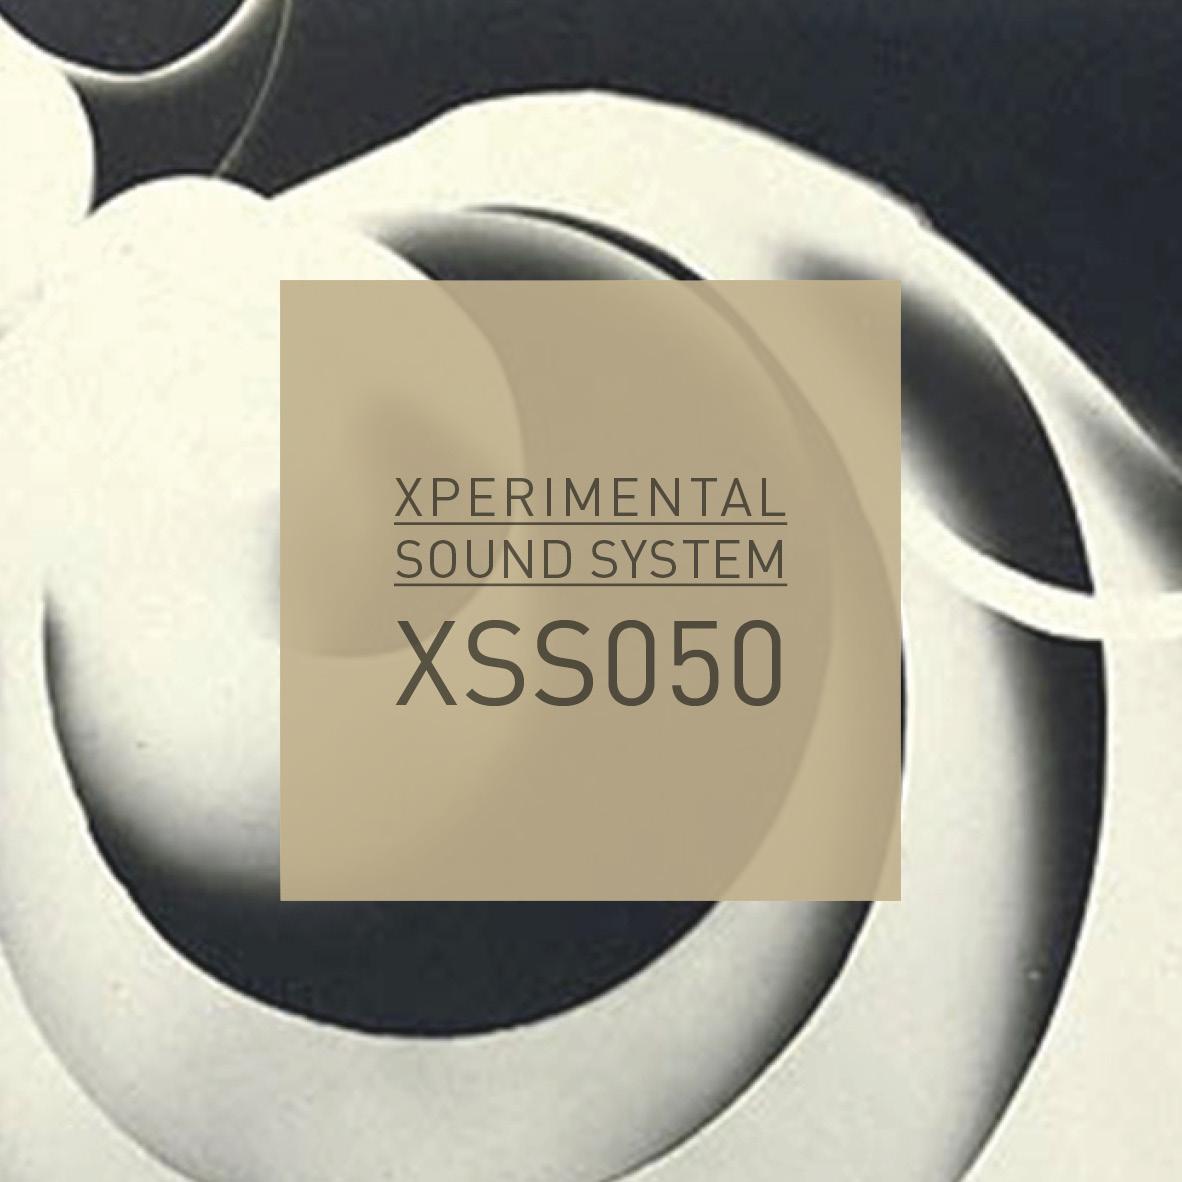 XSS050